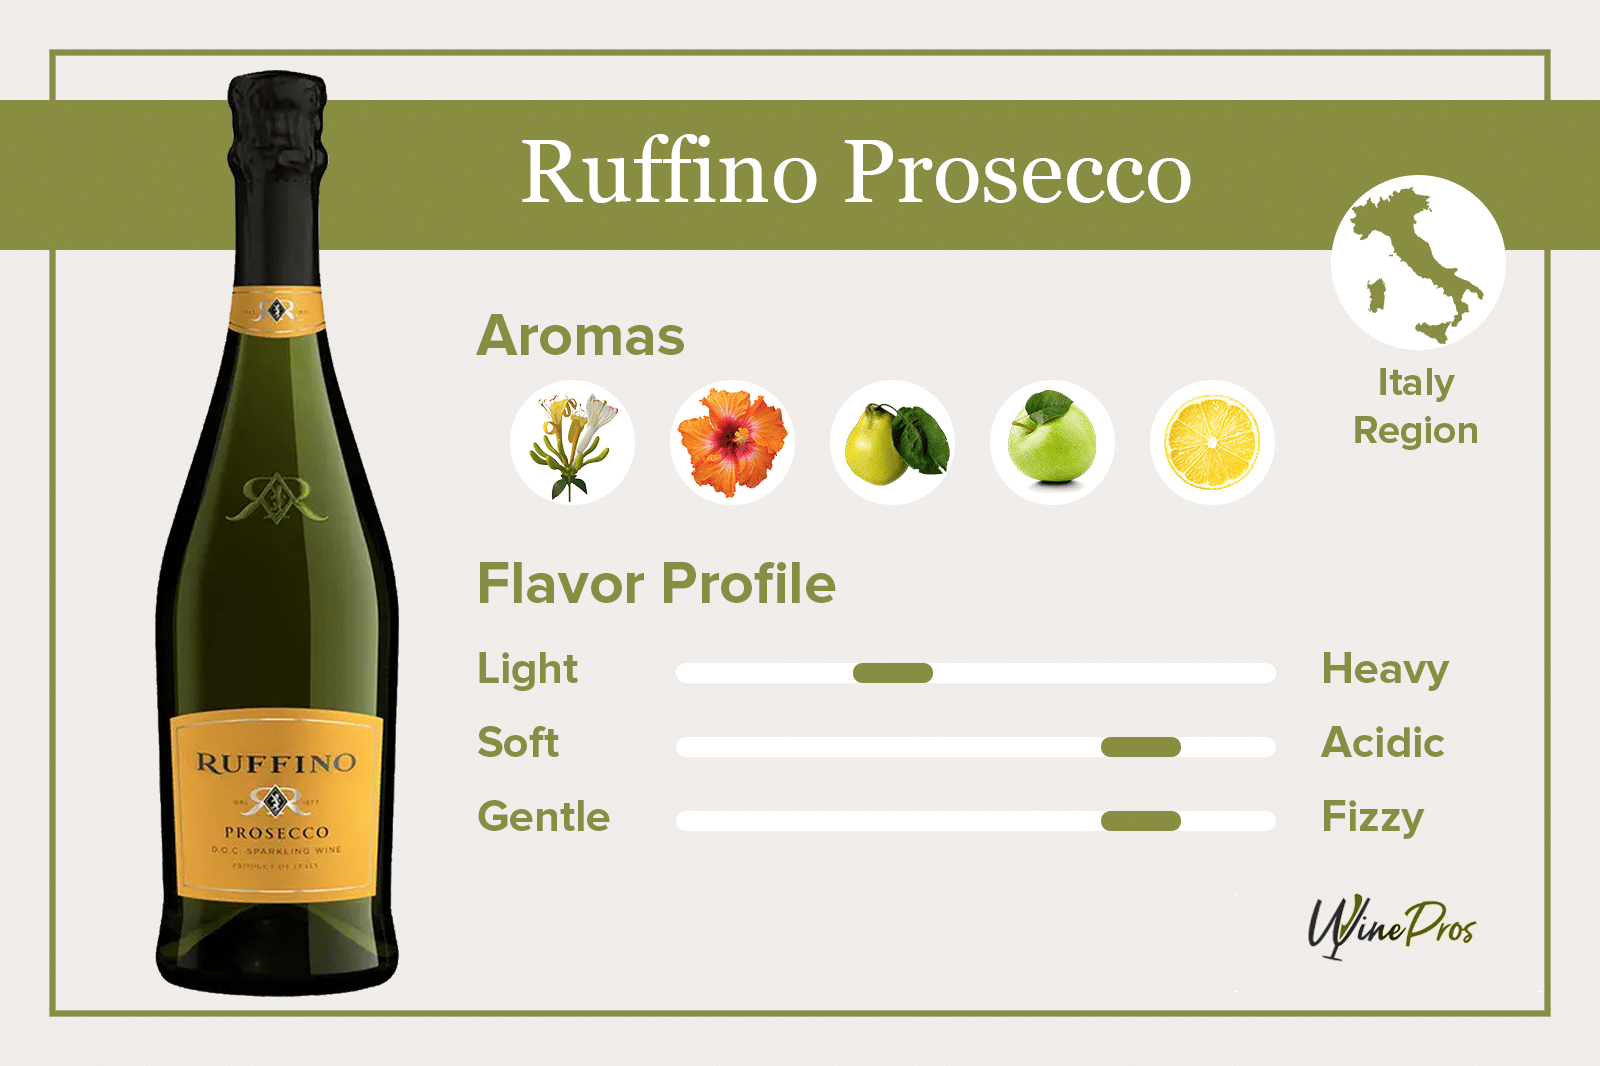 Ruffino Prosecco Review (2021)